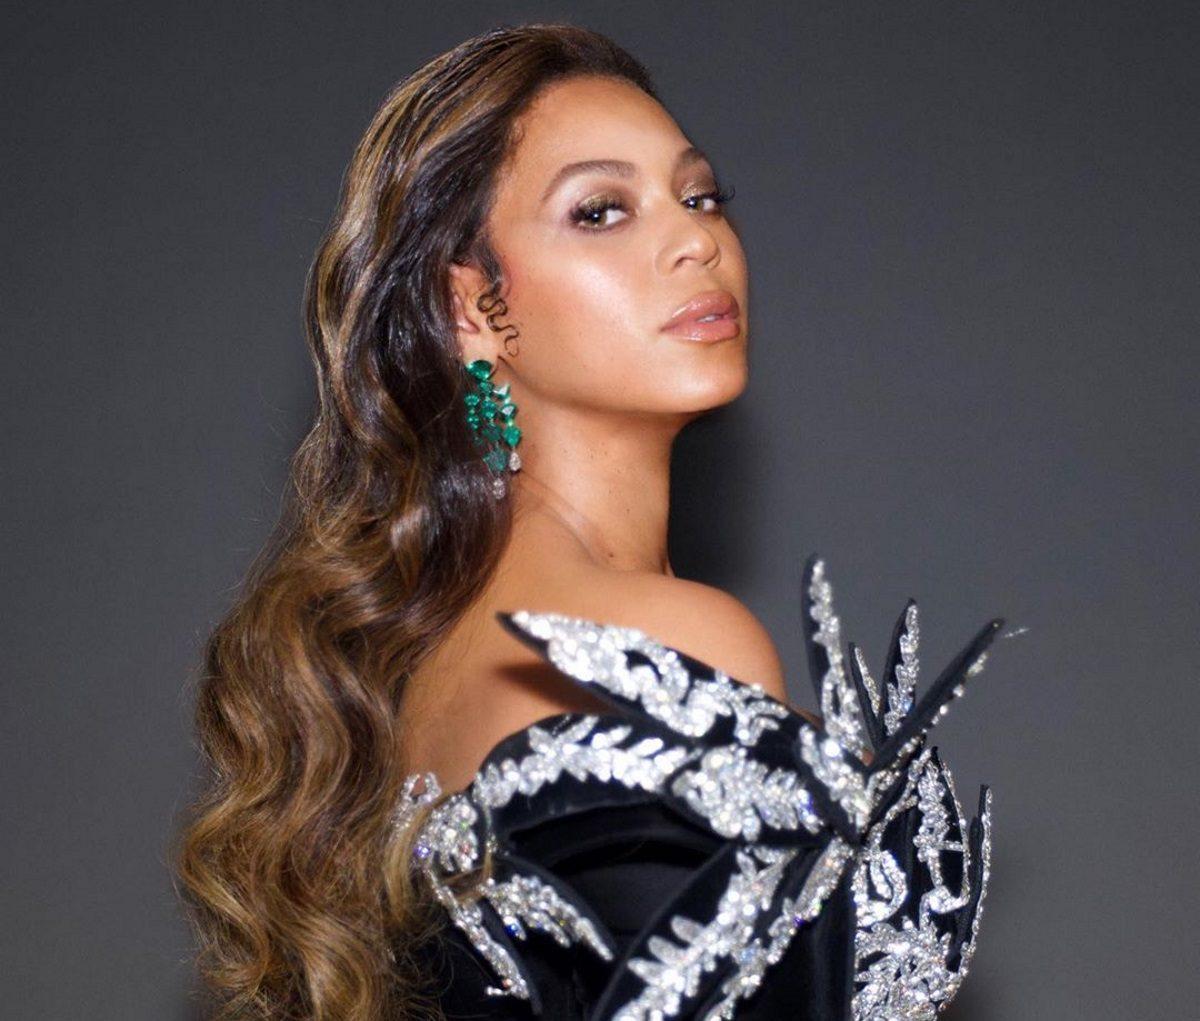 Η Beyoncé υποψήφια για Όσκαρ Καλύτερου Πρωτότυπου Τραγουδιού!   tlife.gr